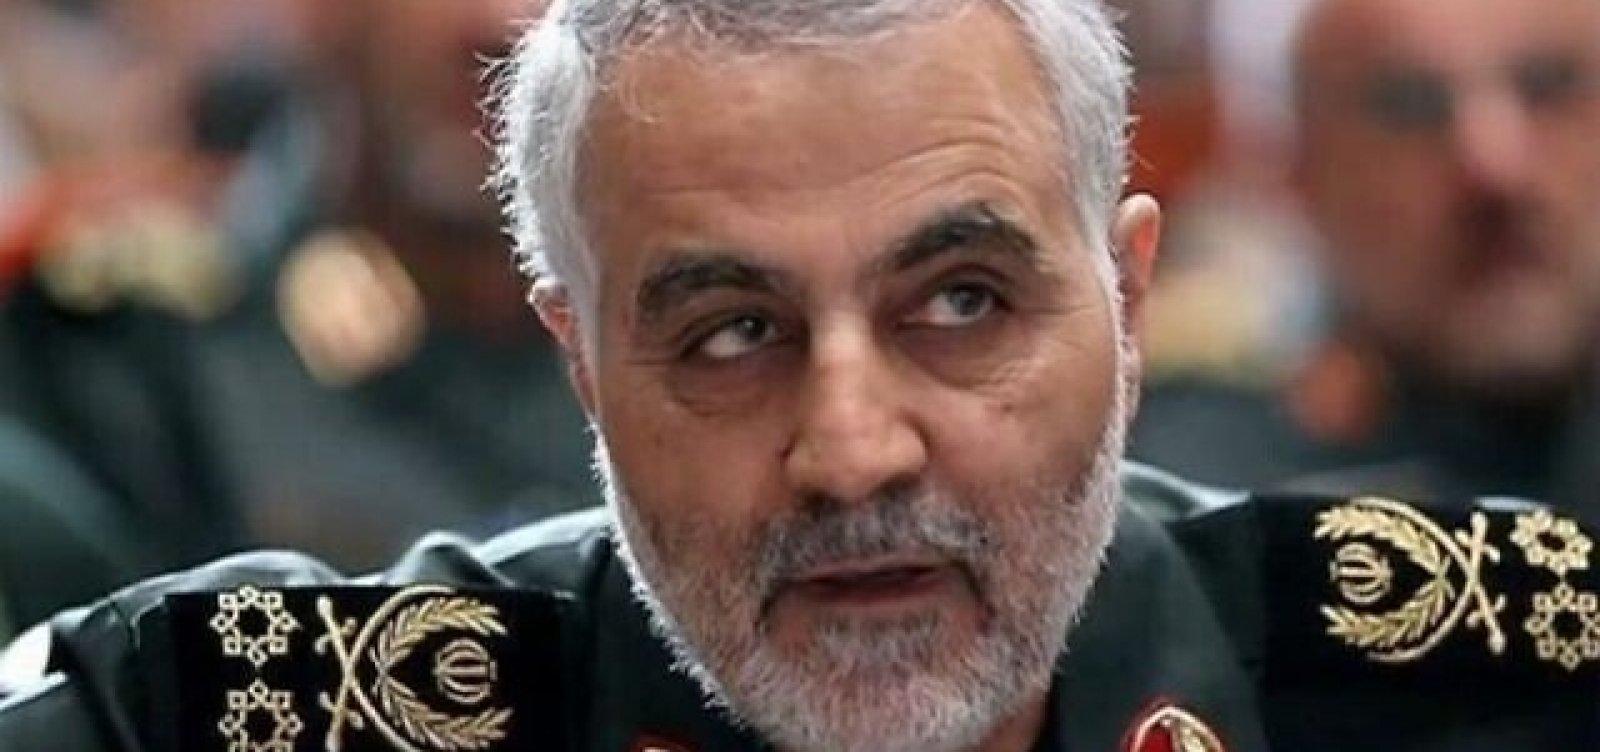 [Após bombardeio, Irã promete retaliação e EUA pedem que cidadãos deixem o Iraque]